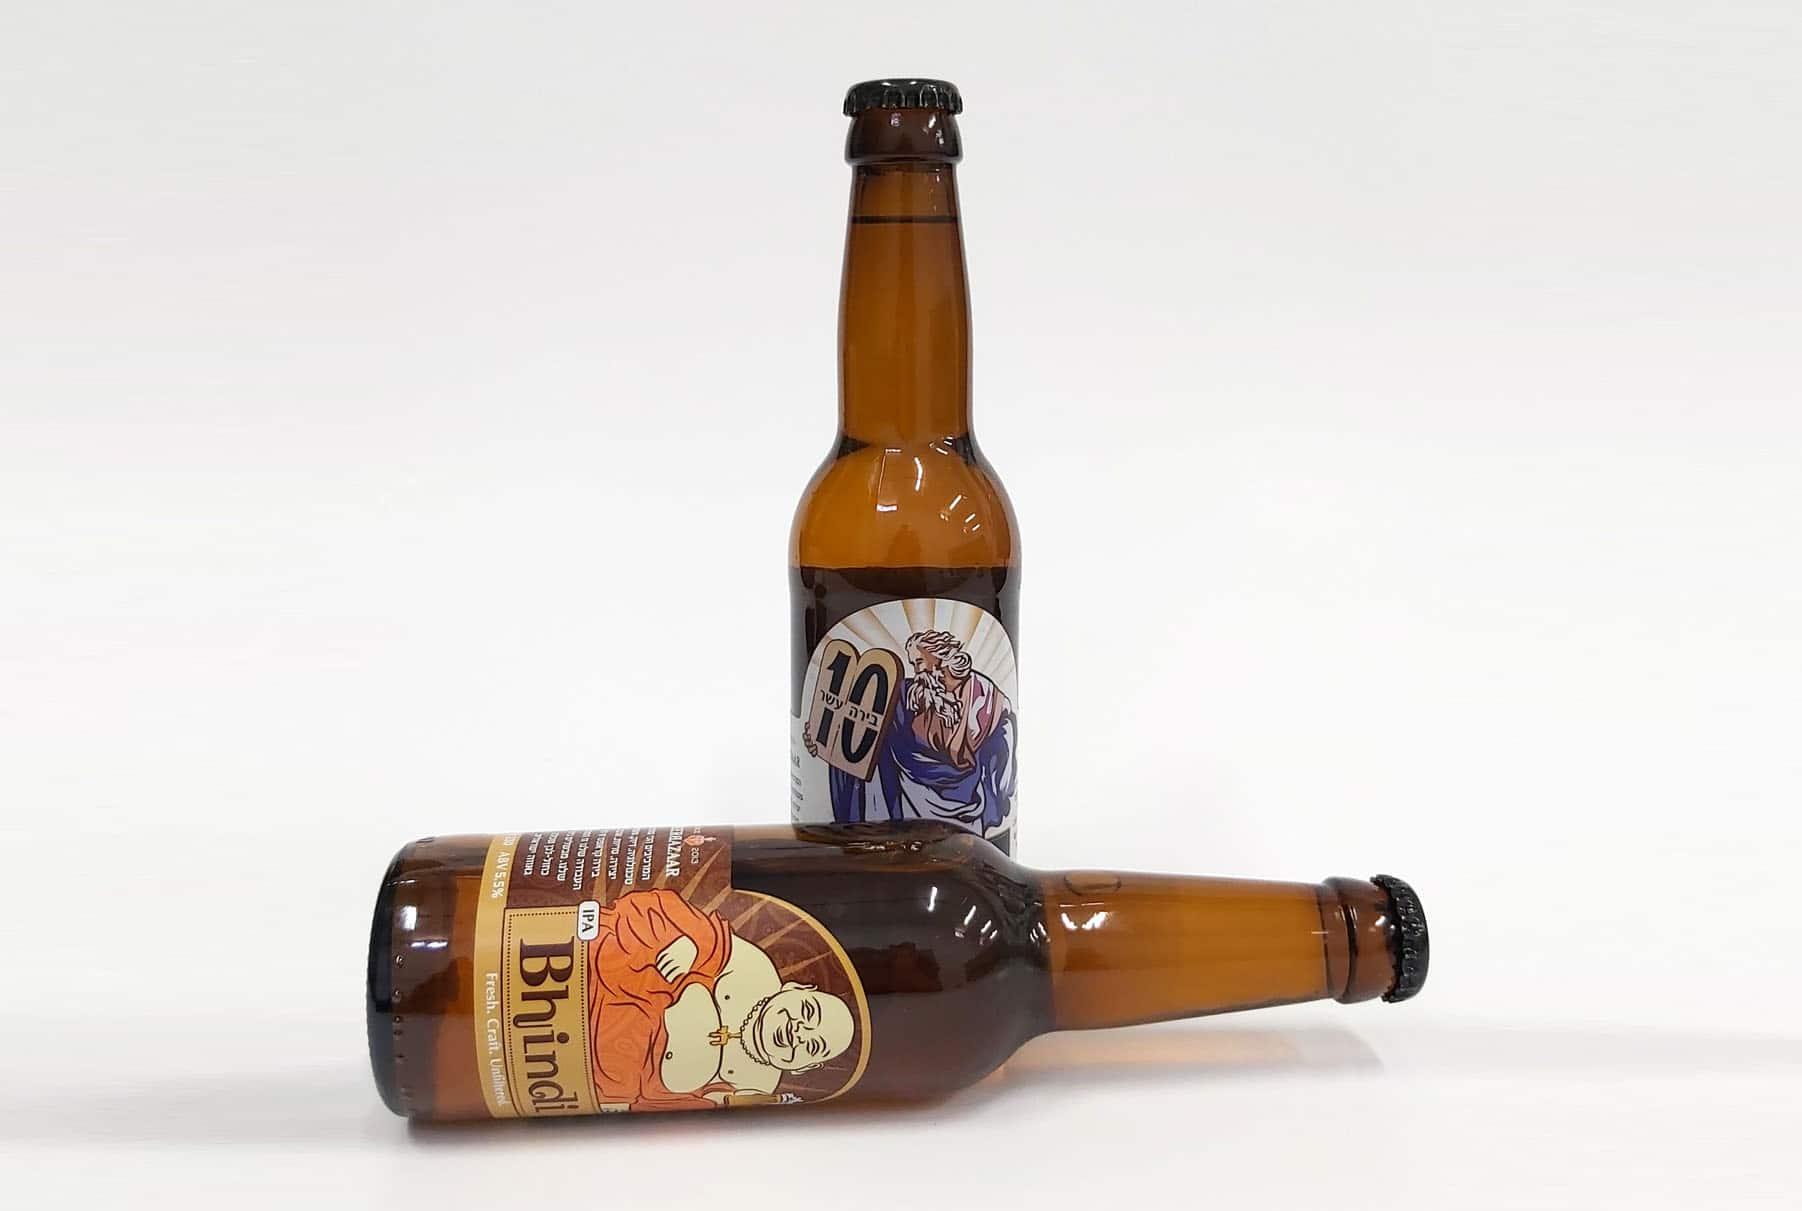 שני בקבוקי בירה השייכים לבירבאזר, אחד בינדי והשני בירה עשר. לפי התוויות, בקבוק ששוכב זה בינדי והבקבוק שעומד הוא בירה עשר.